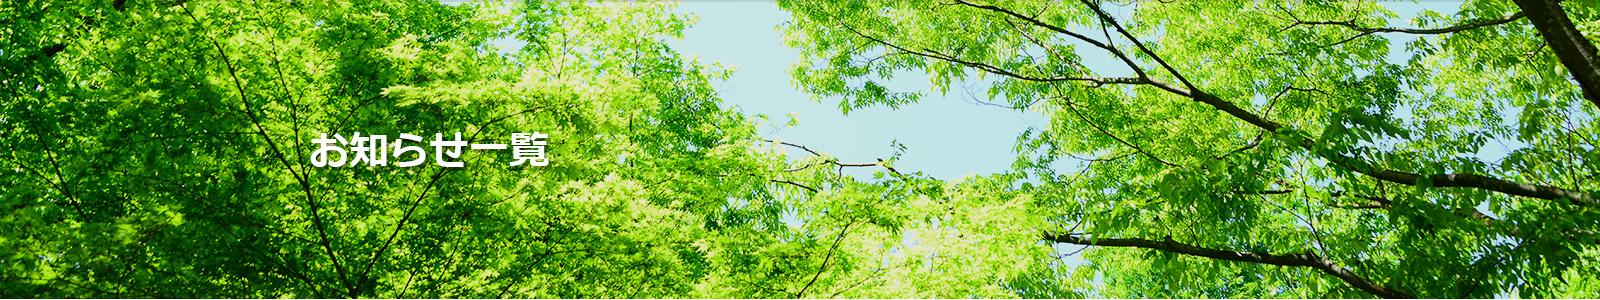 会員環境活動報告 三崎工業代表 知念宏氏の講習会開催状況